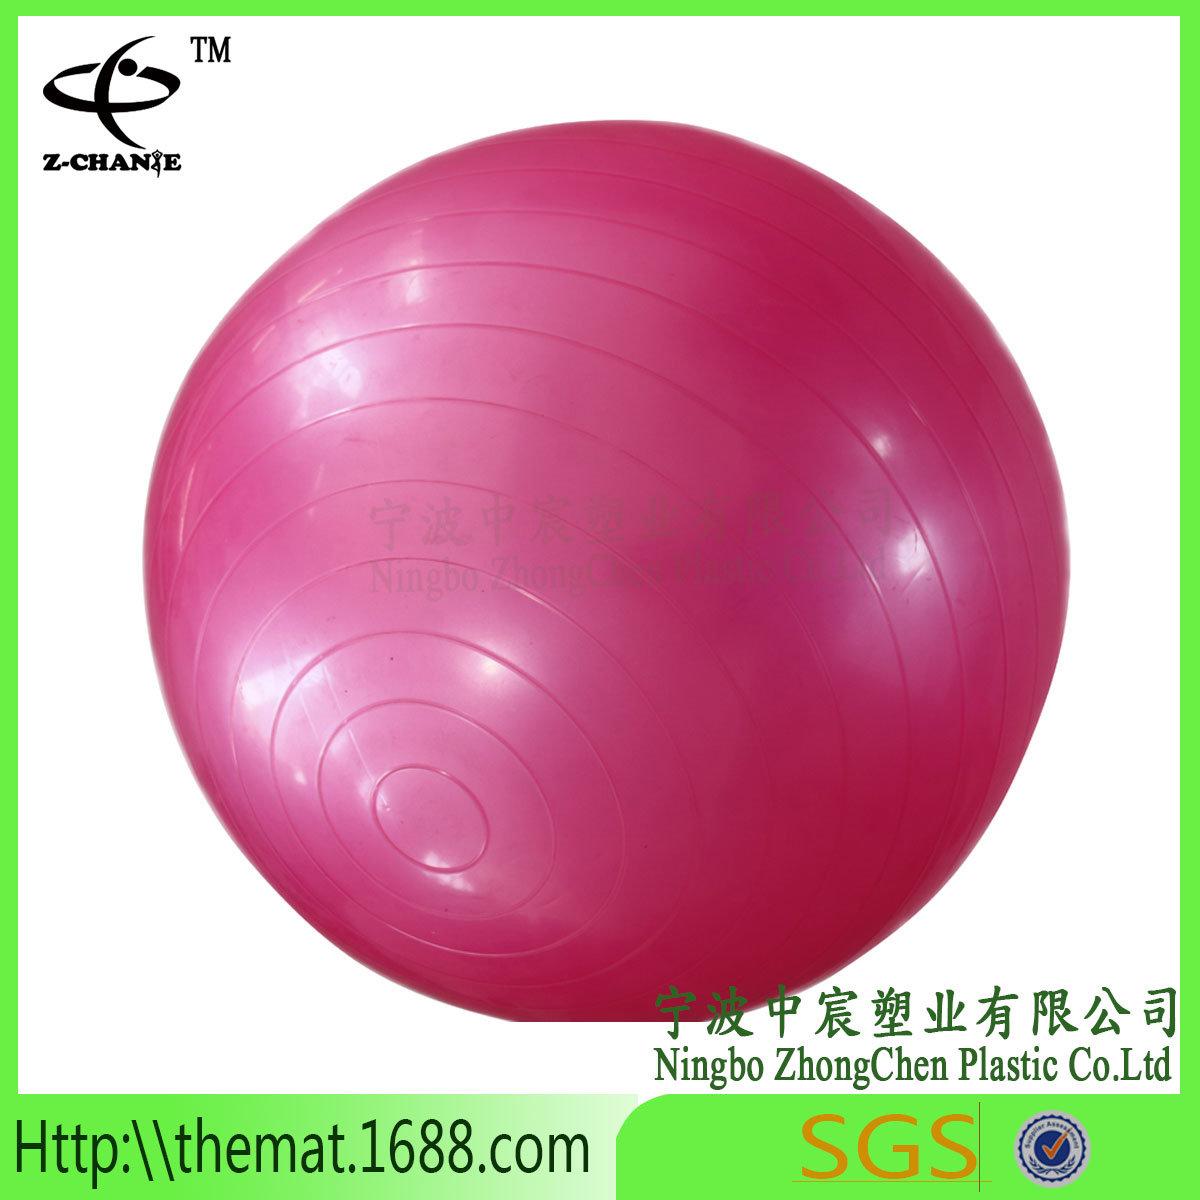 Factory Direct Balance Ball Gym Massage Ball Yoga Exercise Ball